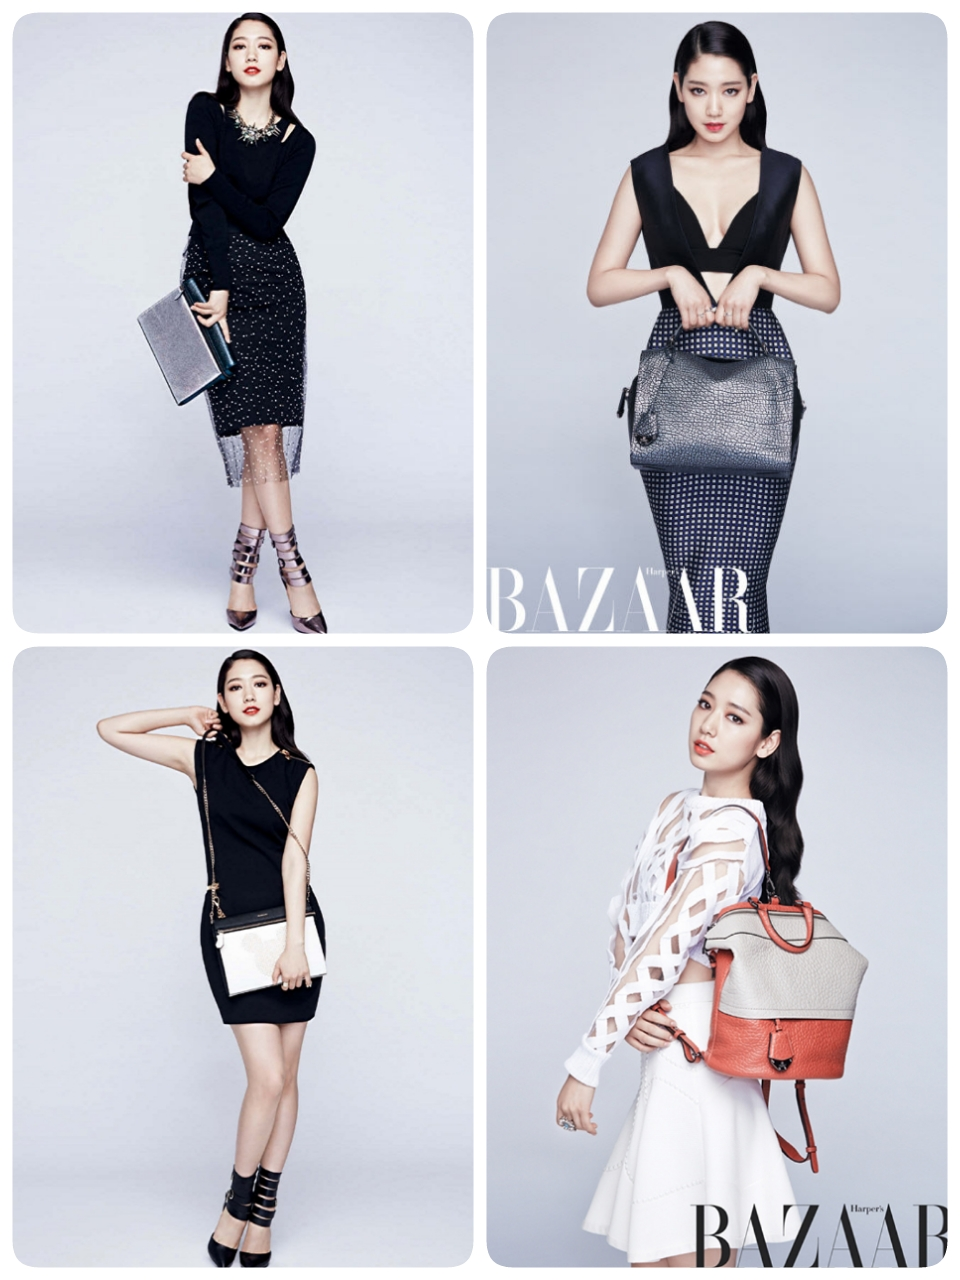 Park Shin Hye Bazaar (2)